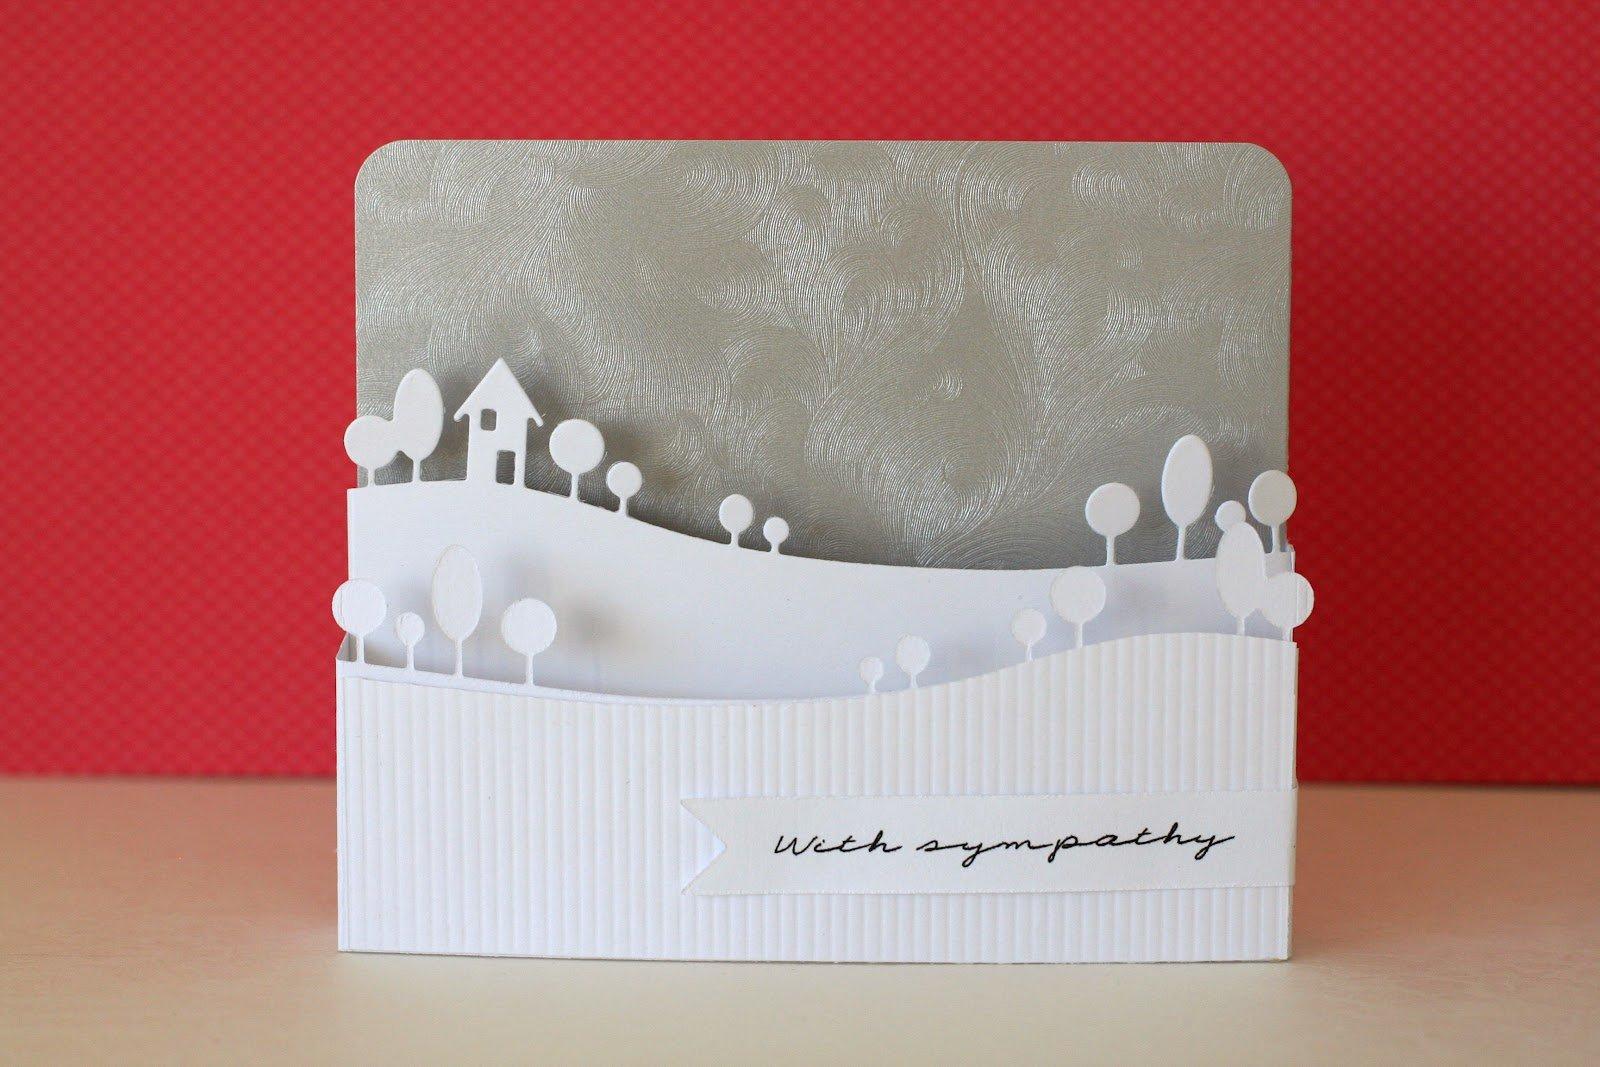 3D Weihnachtskarte - wie schaffen Sie dieses Ergebnis?